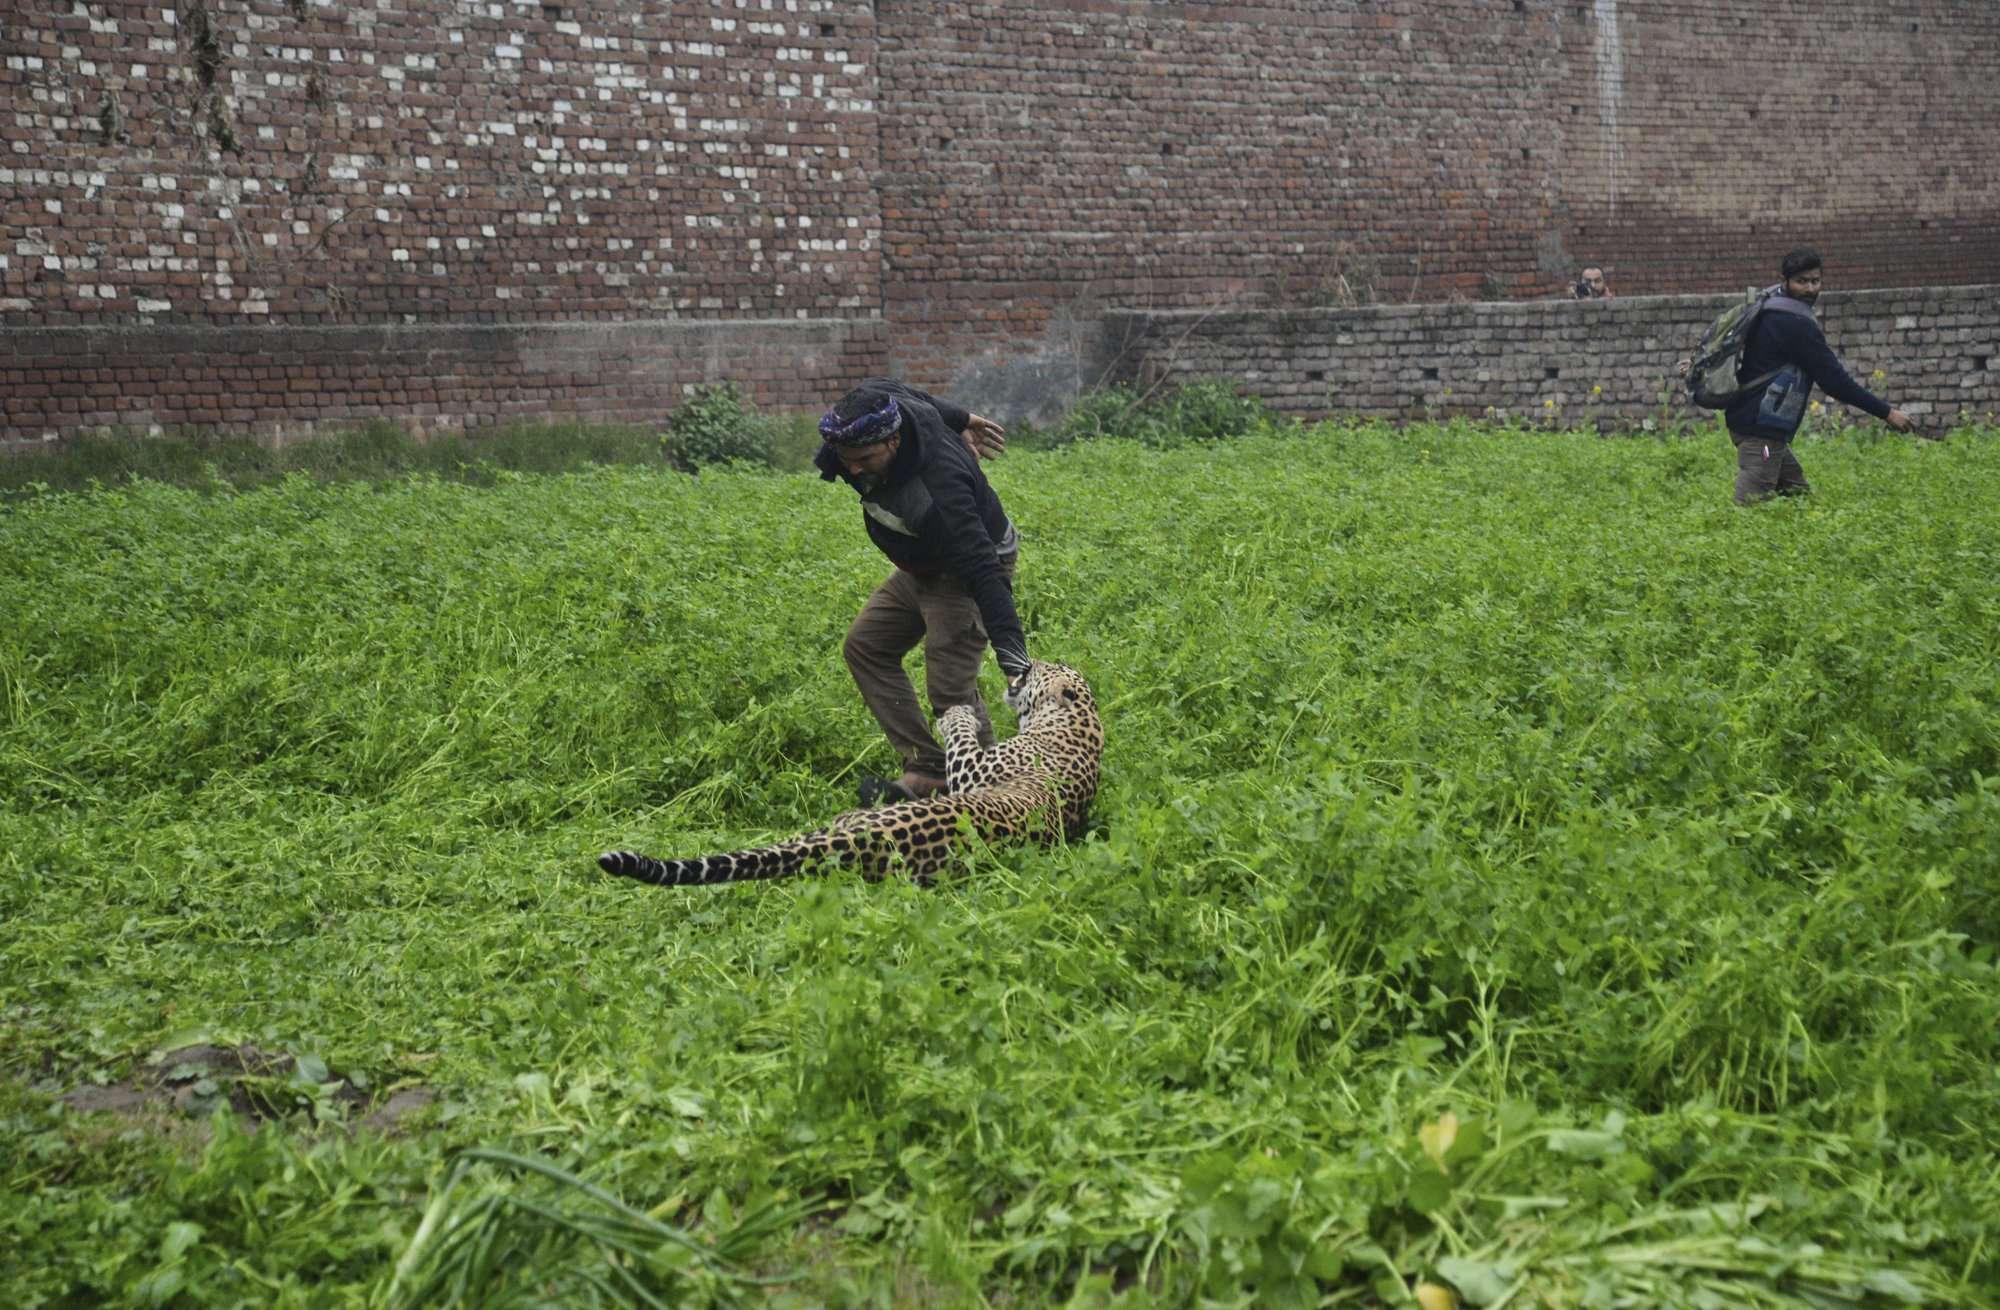 Leopardo ataca después de vagar por una zona residencial de Jalandhar. AP